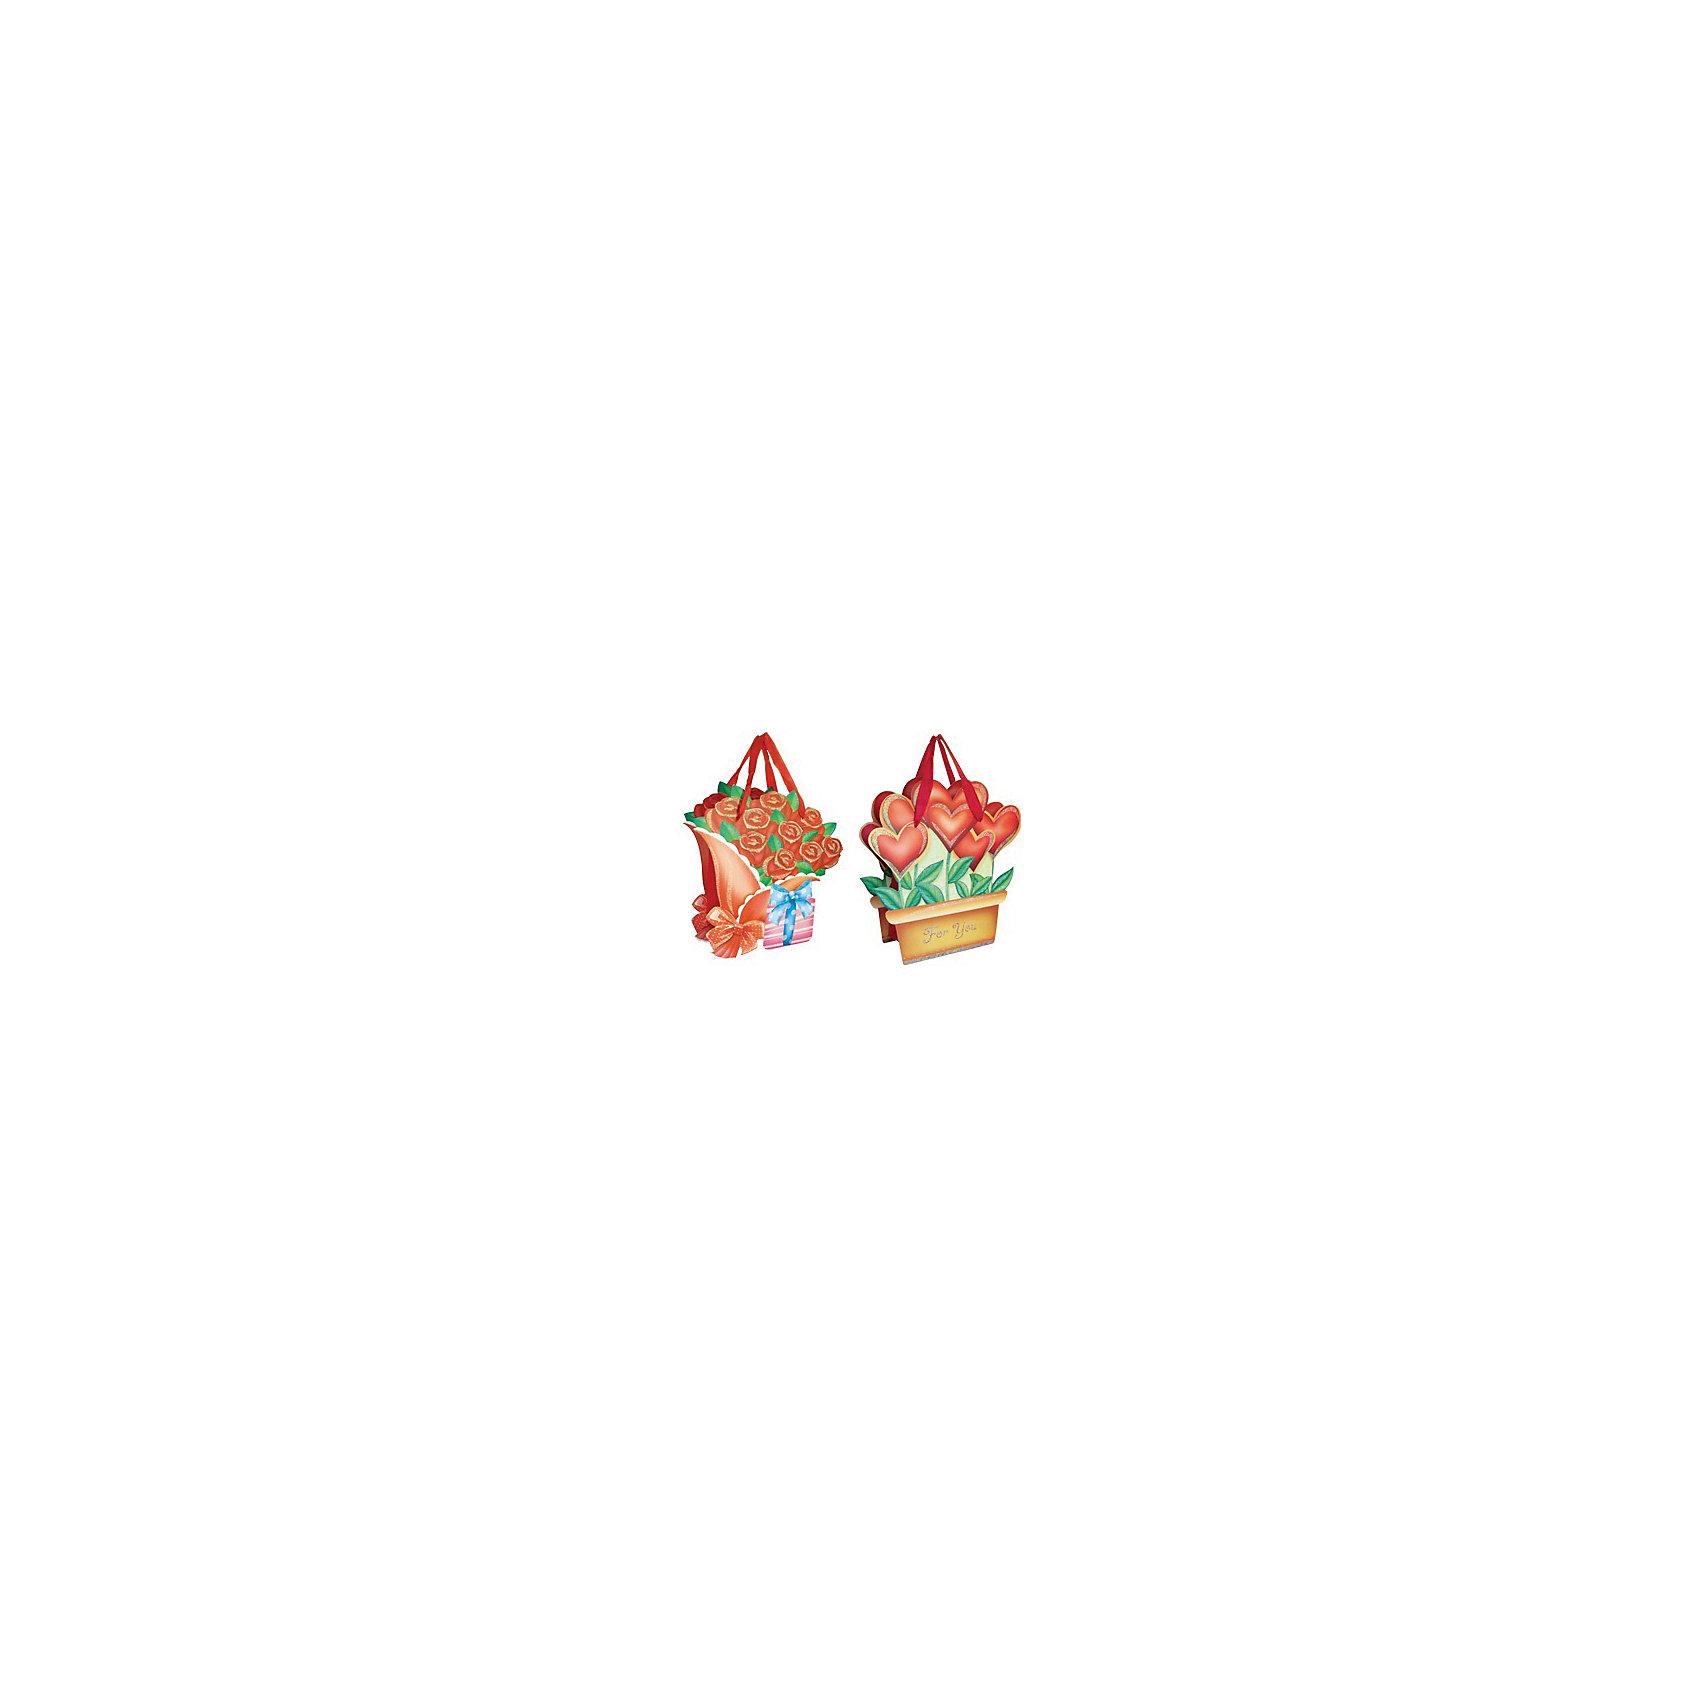 Подарочный пакет Цветы 15*17,8*8,5 см, в ассортиментеВсё для праздника<br>С подарочным пакетом Цветы Вы сможете красиво и оригинально оформить подарок близкому человеку, сделать его еще более приятным и запоминающимся. Фигурный пакет выполнен в необычном дизайне в форме букета цветов, имеются удобные атласные ручки.<br><br>Дополнительная информация:<br><br>- Материал: бумага, картон, текстиль. <br>- Размер пакета: 15 х 17,8 х 8,5 см.<br>- Вес: 67 гр.<br><br>Подарочный пакет Цветы можно купить в нашем интернет-магазине.<br><br>Ширина мм: 150<br>Глубина мм: 85<br>Высота мм: 178<br>Вес г: 67<br>Возраст от месяцев: 36<br>Возраст до месяцев: 2147483647<br>Пол: Женский<br>Возраст: Детский<br>SKU: 4512294